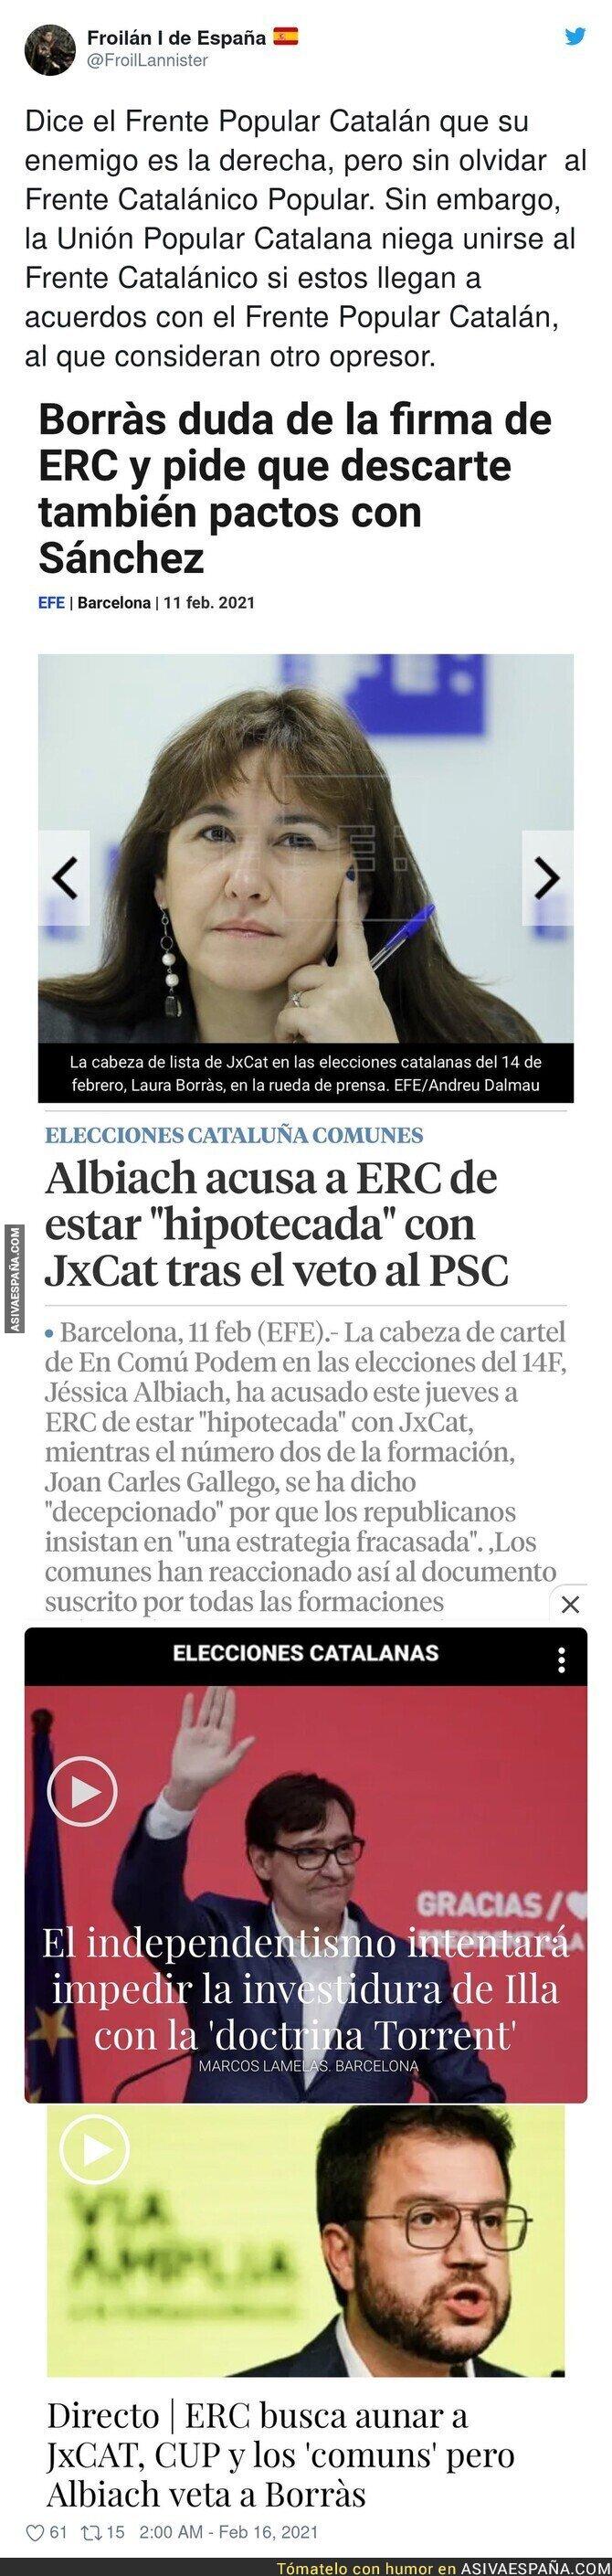 603019 - La búsqueda de pactos en Catalunya